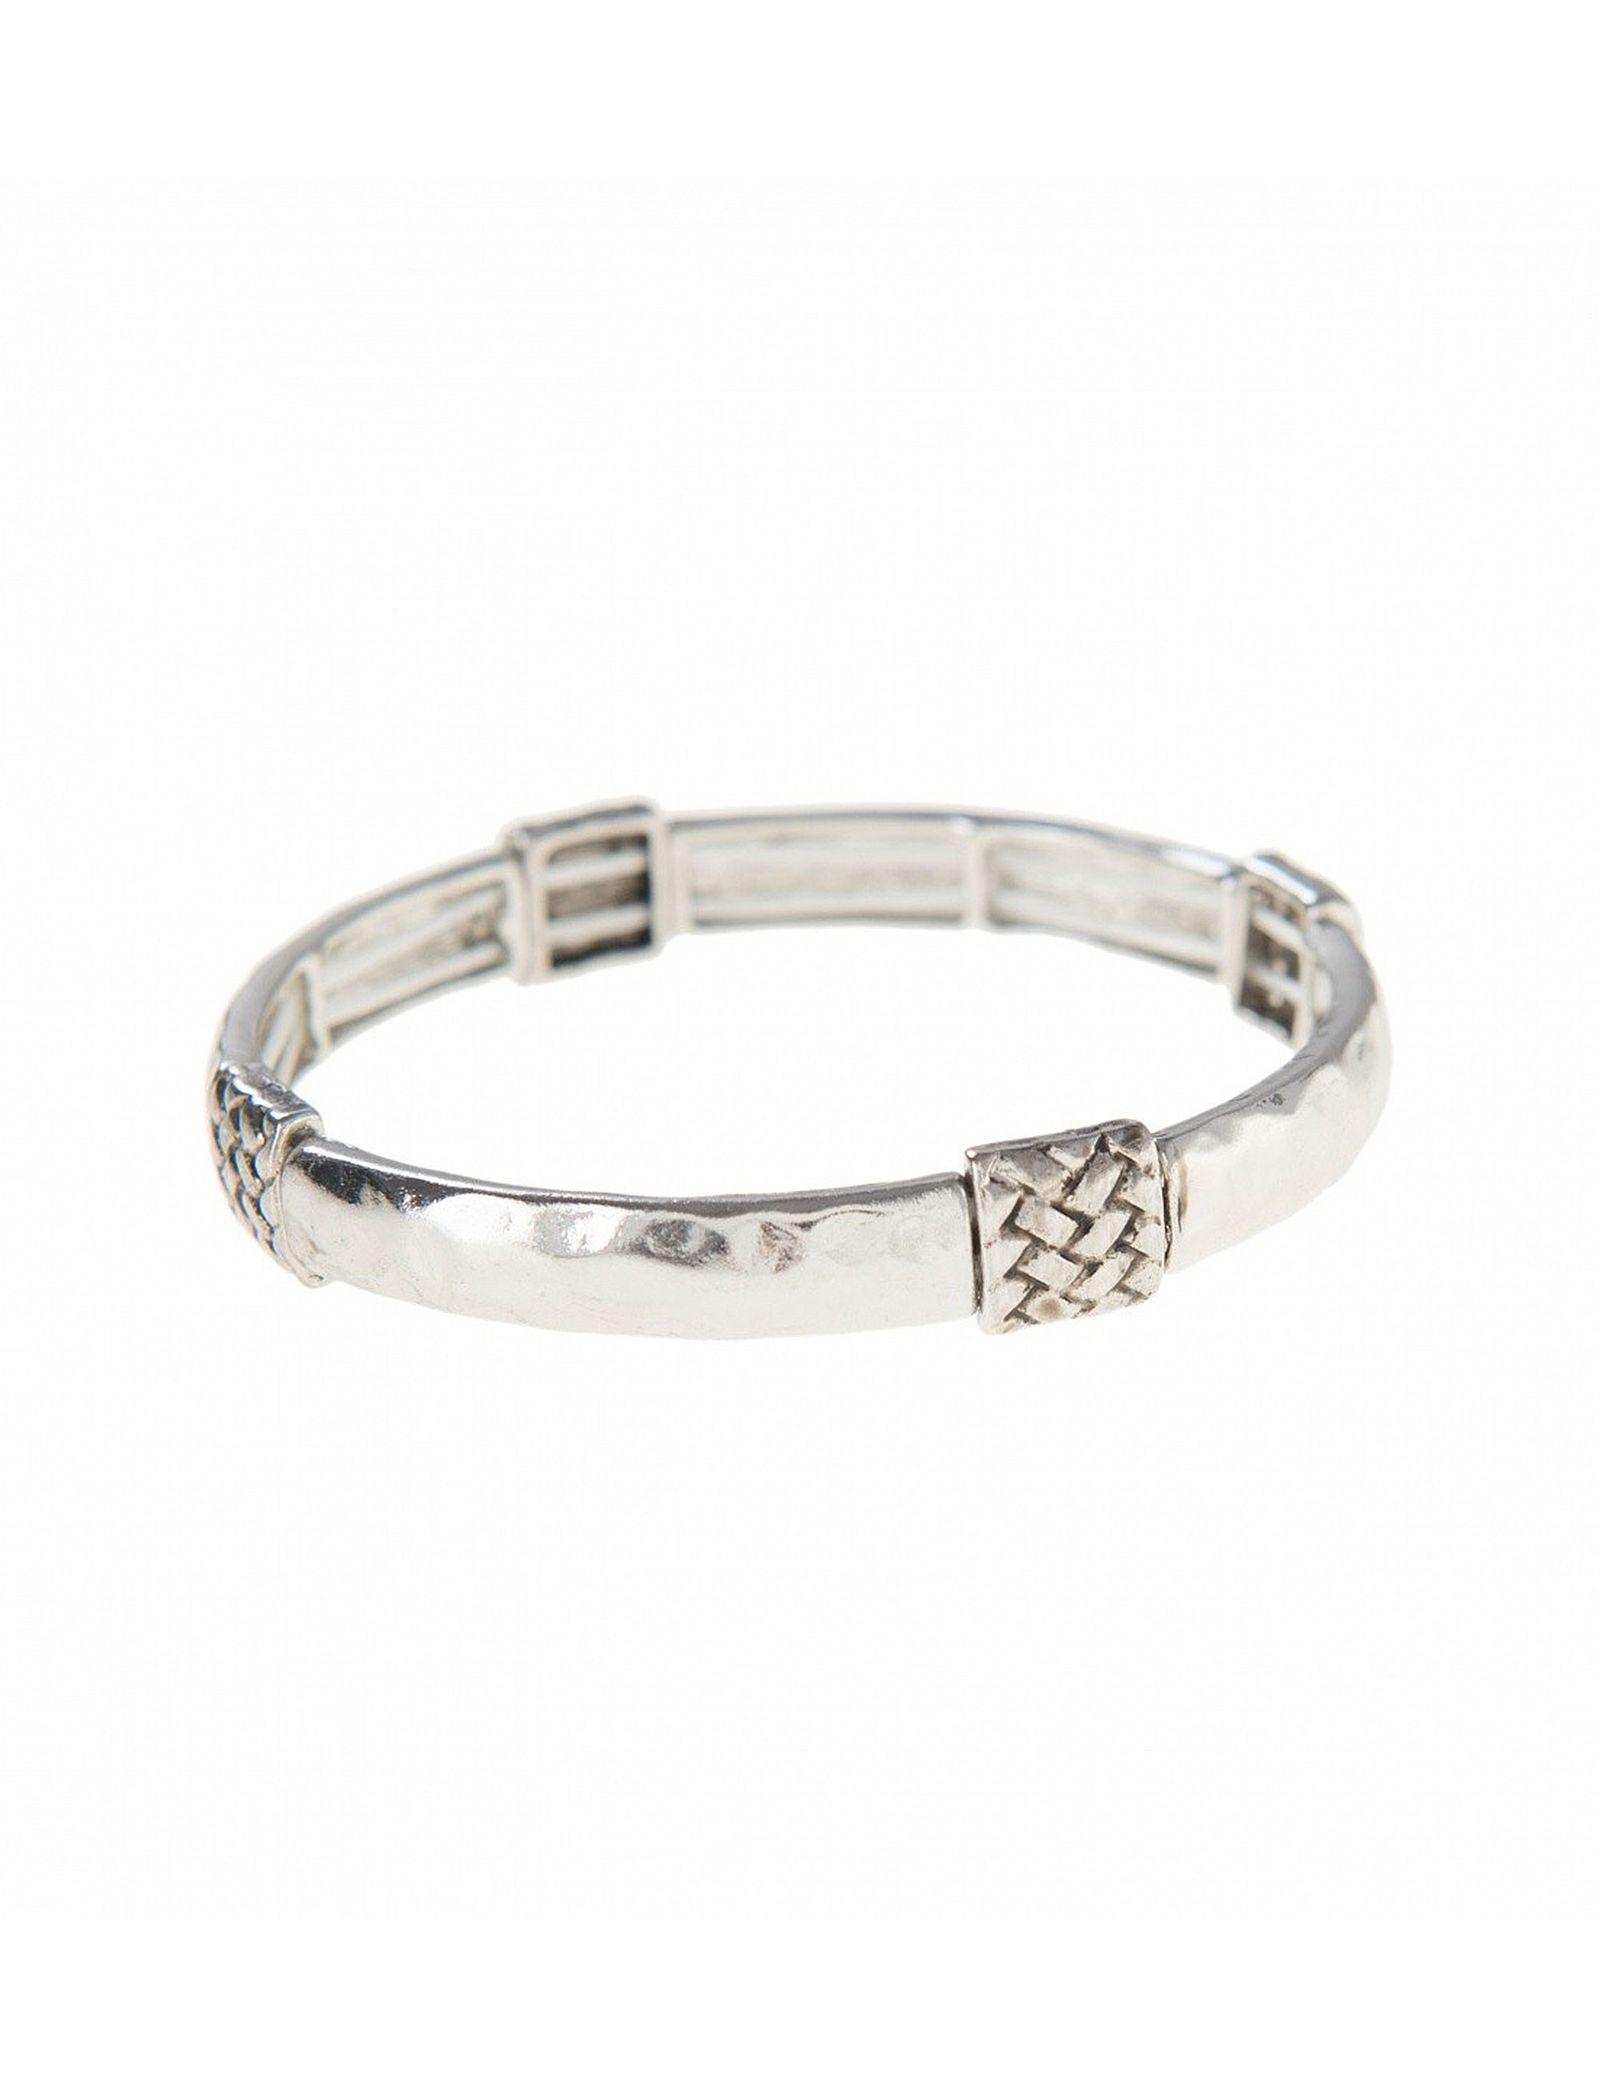 دستبند کشی زنانه - پارفوا تک سایز - نقره اي - 1